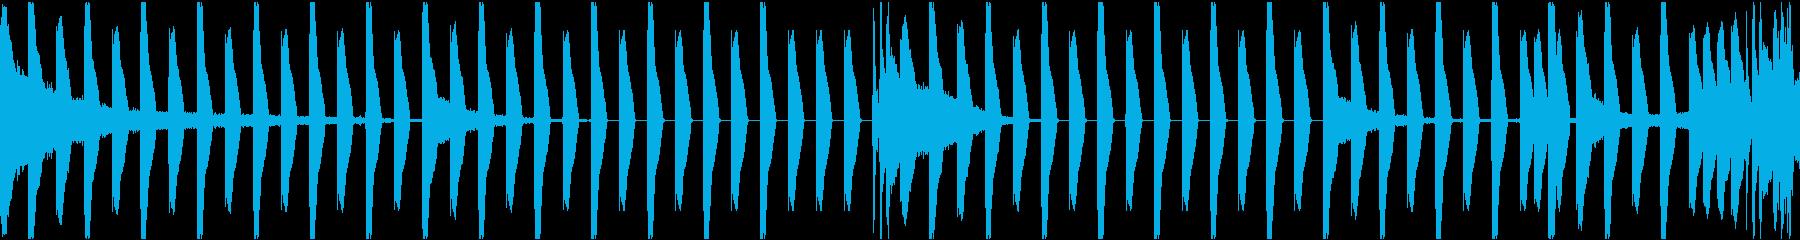 使い勝手のいいリズムループBGMの再生済みの波形